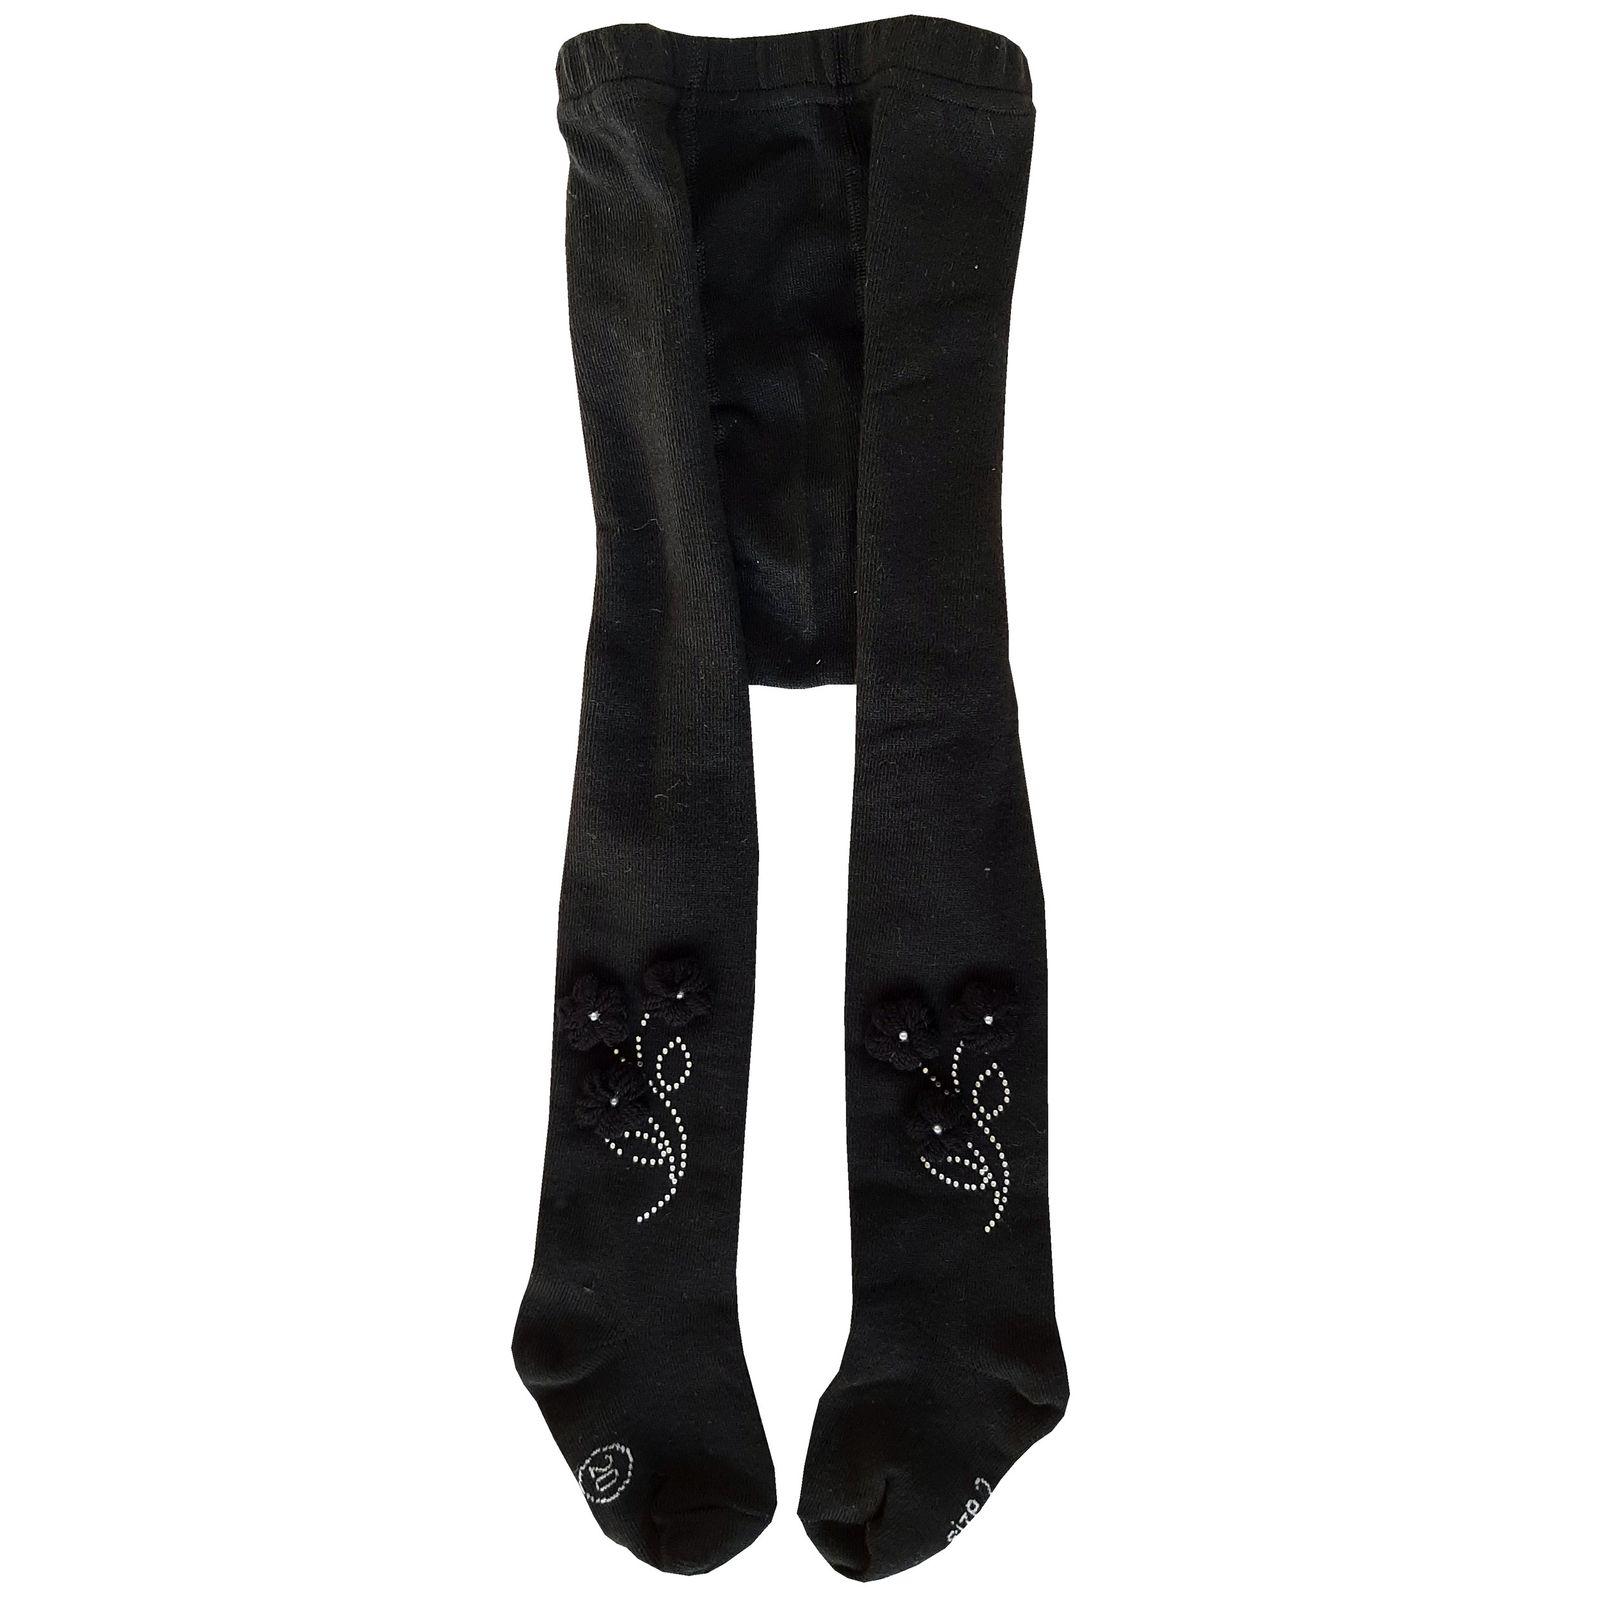 جوراب شلواری دخترانه کد 2200  -  - 2